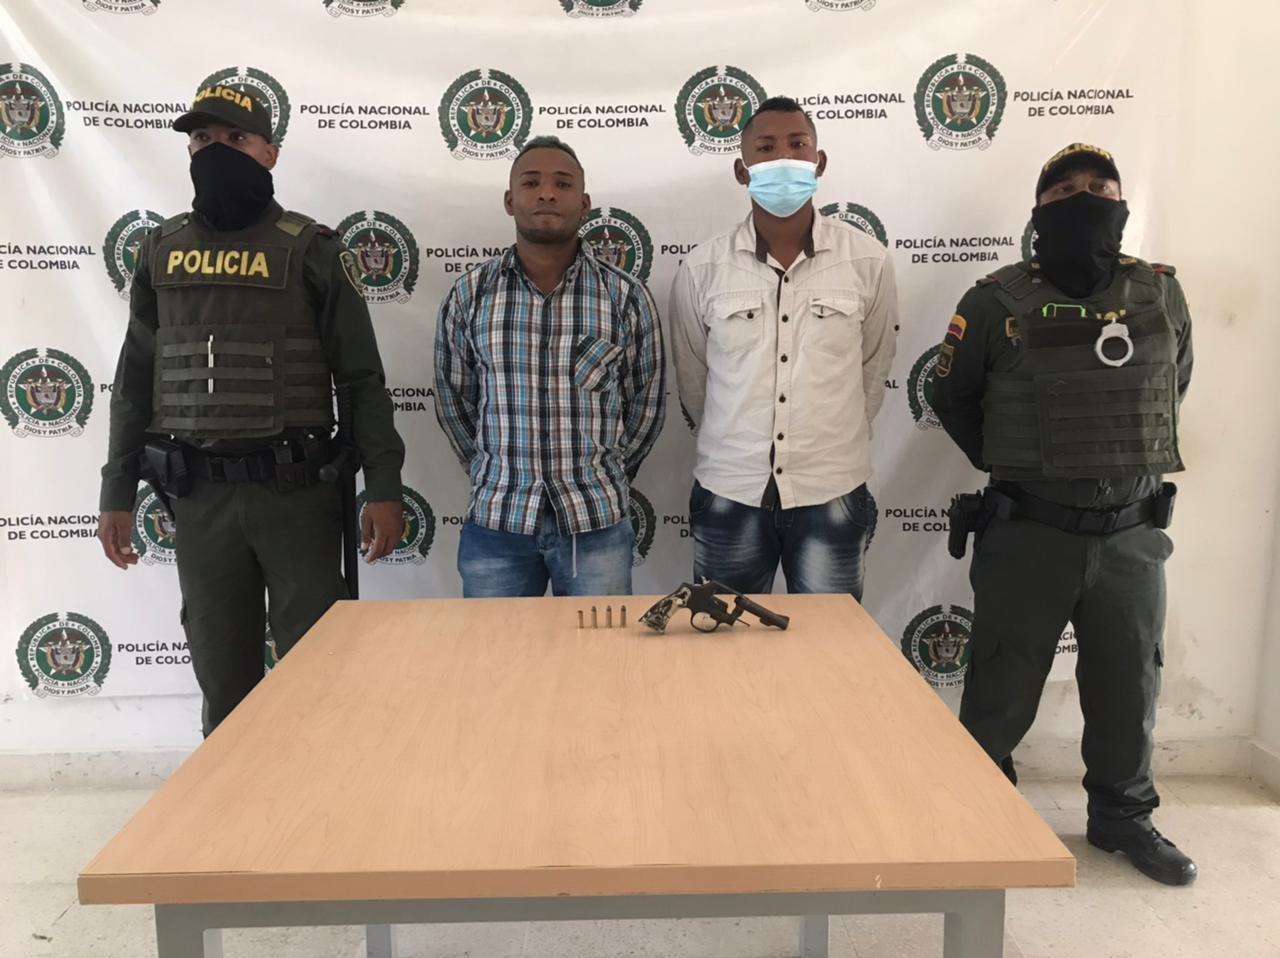 hoyennoticia.com, Policía frustró asesinato en Riohacha